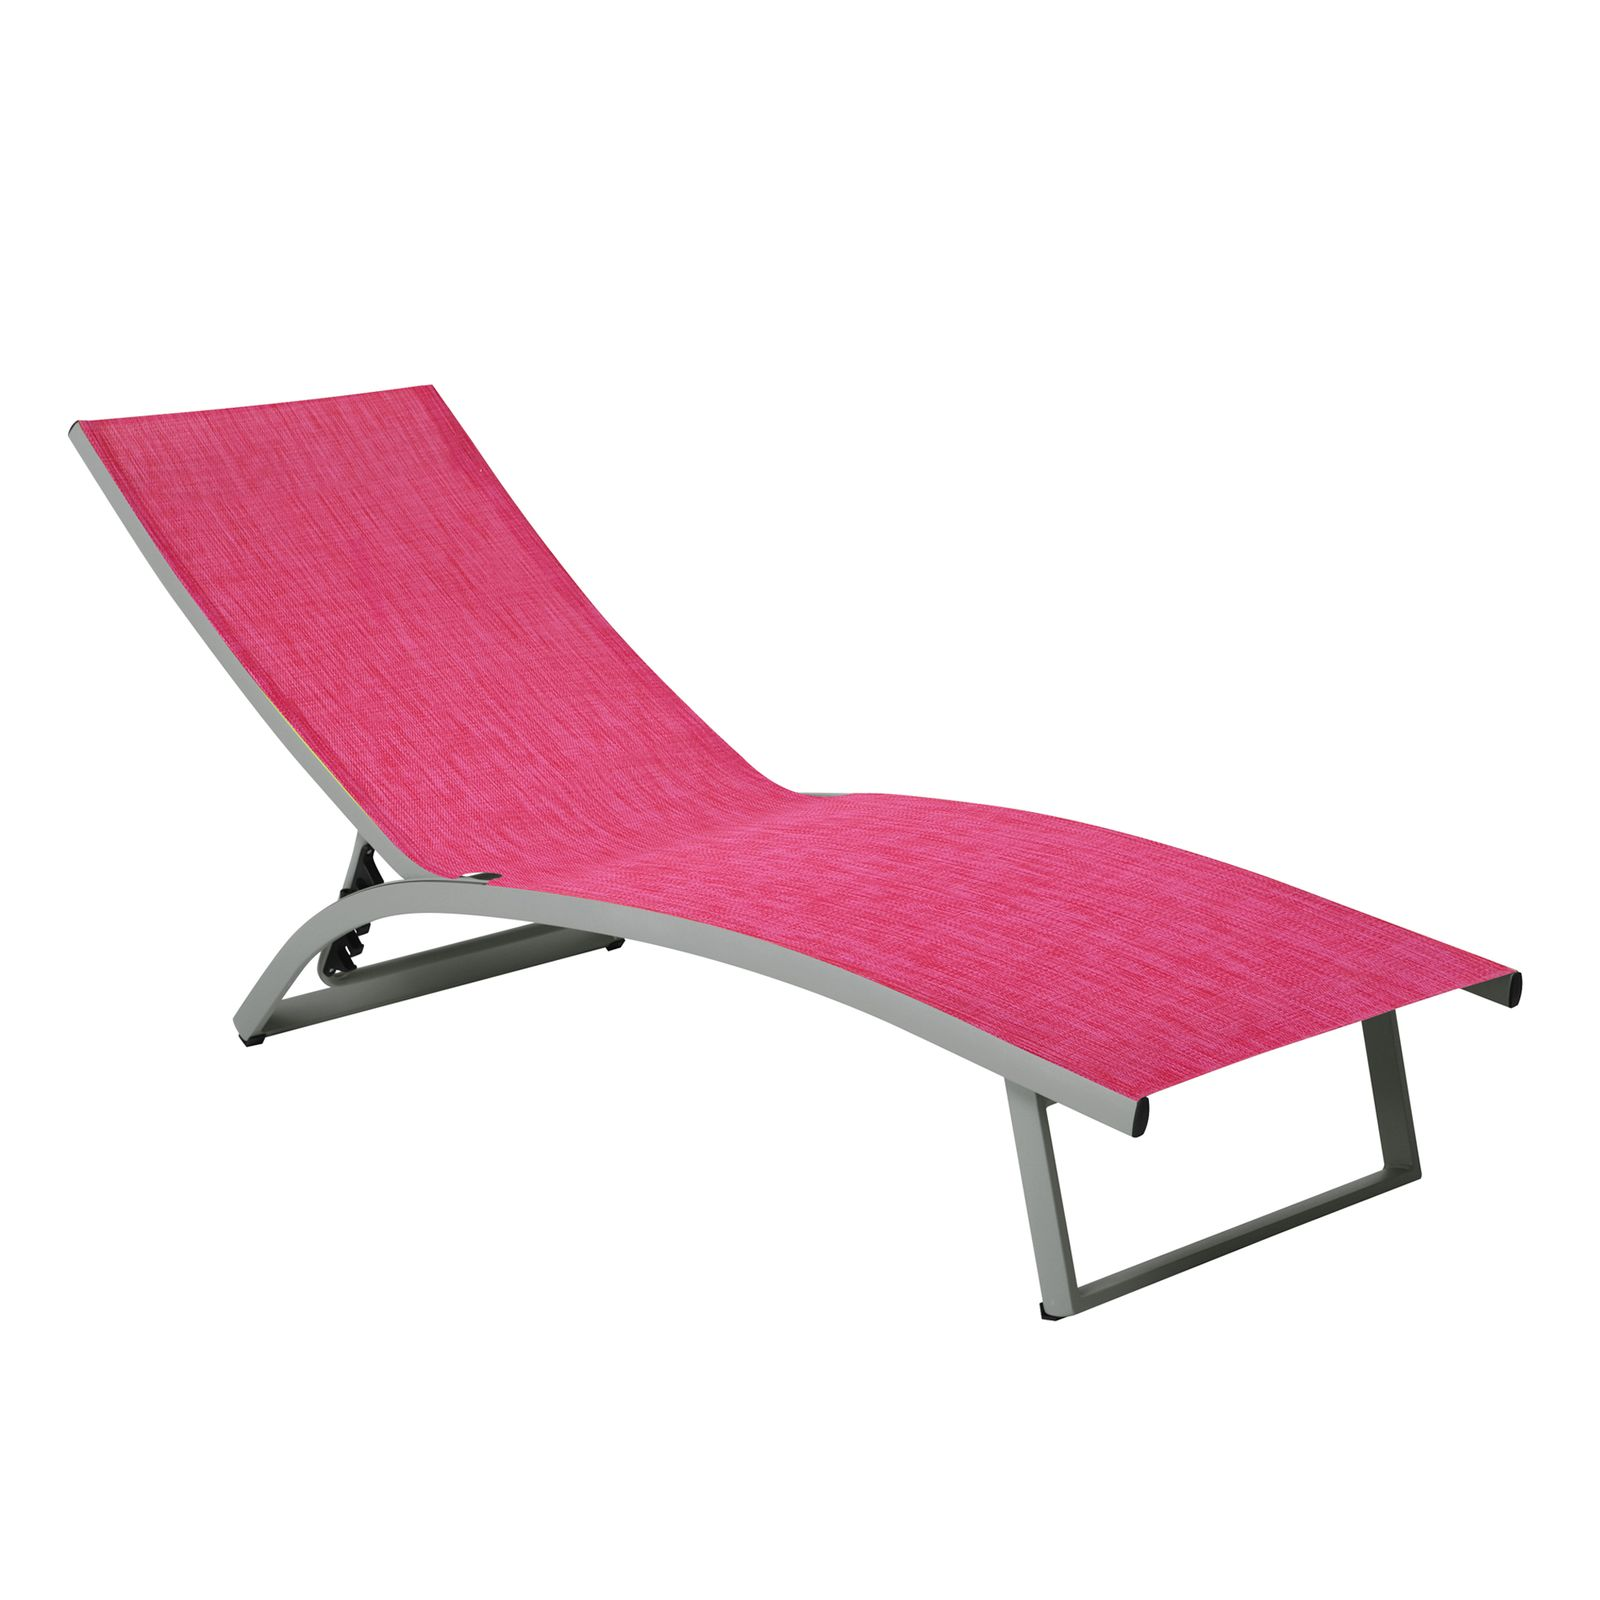 Łóżko plażowe Summer 5-pozycyjne fuksja PATIO